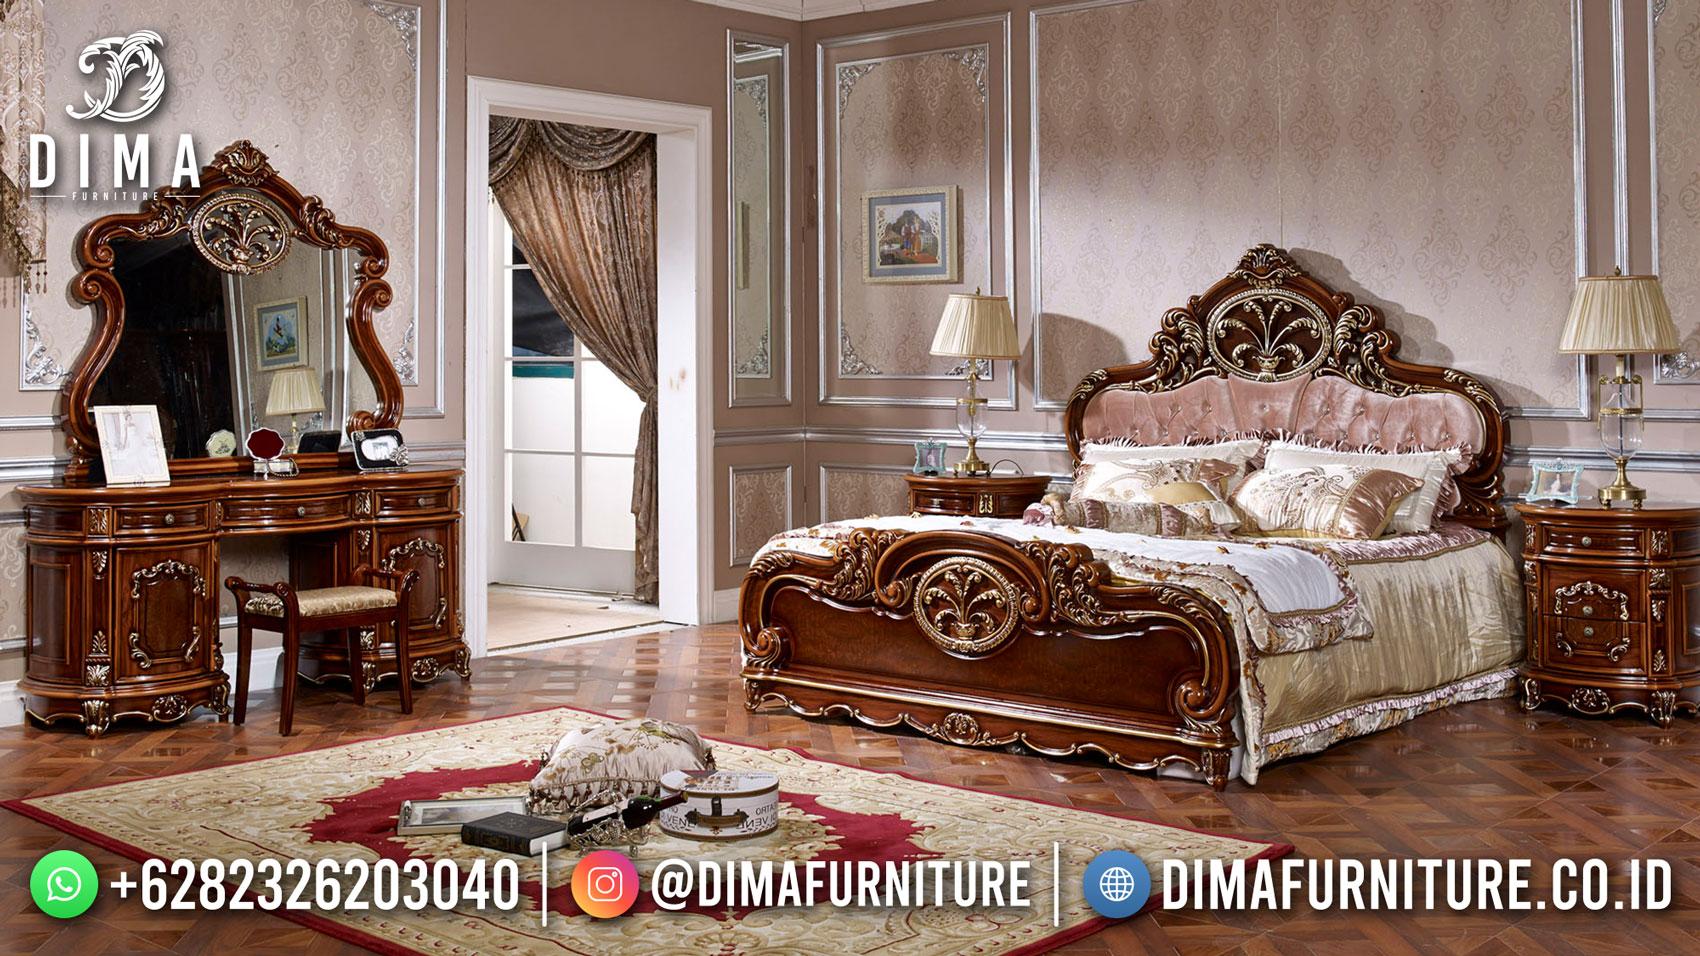 Discount Tempat Tidur Mewah Jati Natural Kombinasi Luxury DF-1562